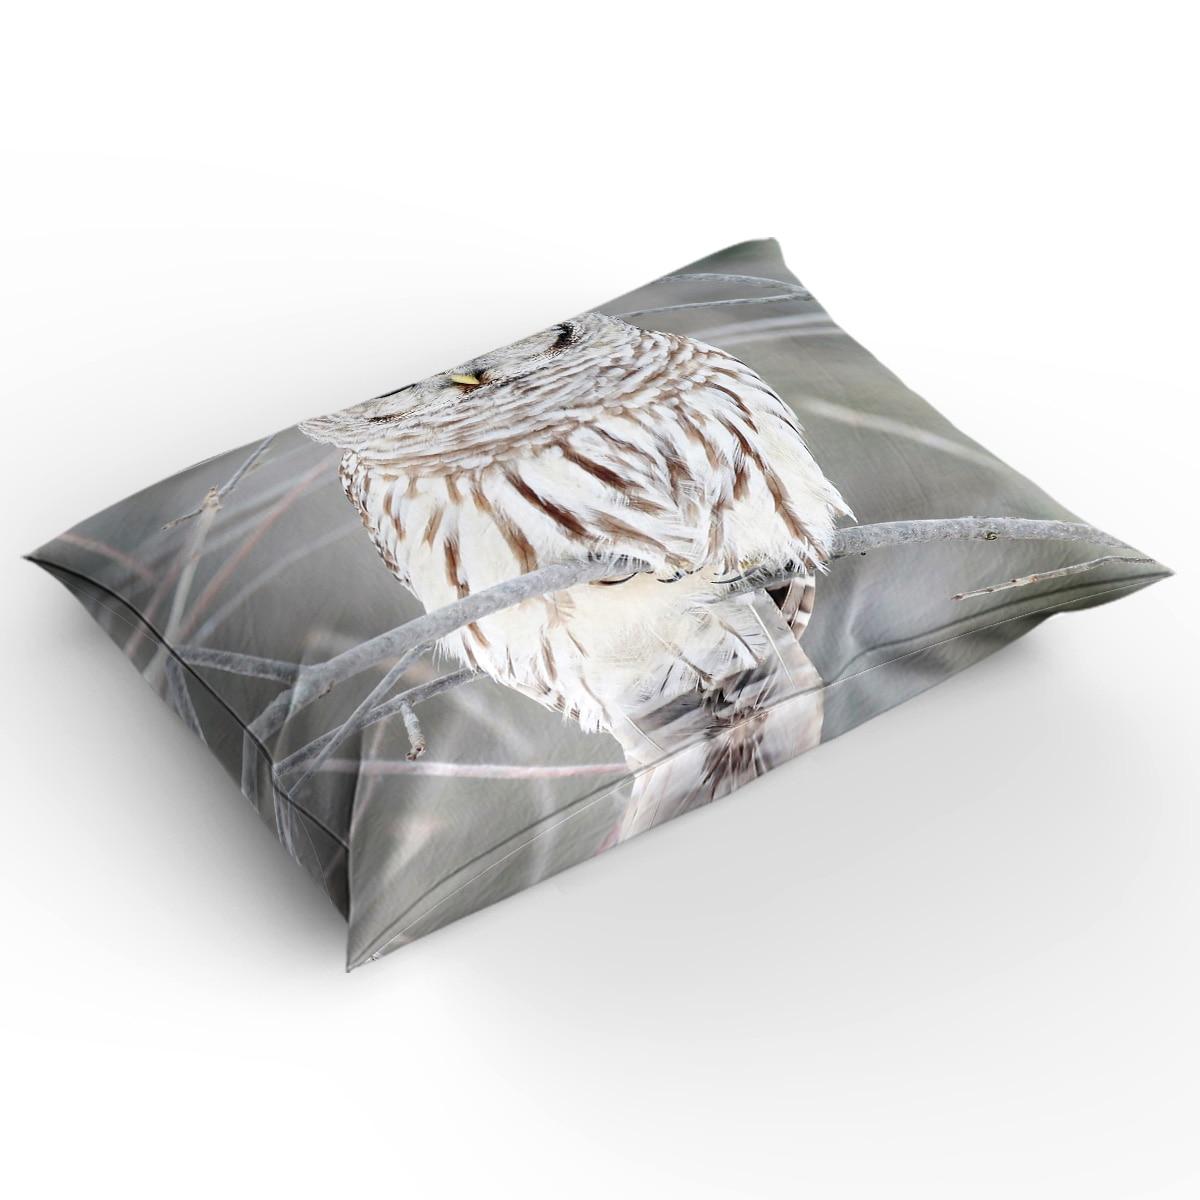 Coruja inverno Em Pé Sobre Os Ramos Cinza Impressão Conjunto de Cama Personalizada 3D Impressão Digital NOS da RAINHA do REI Jogo De cama de Natal - 2